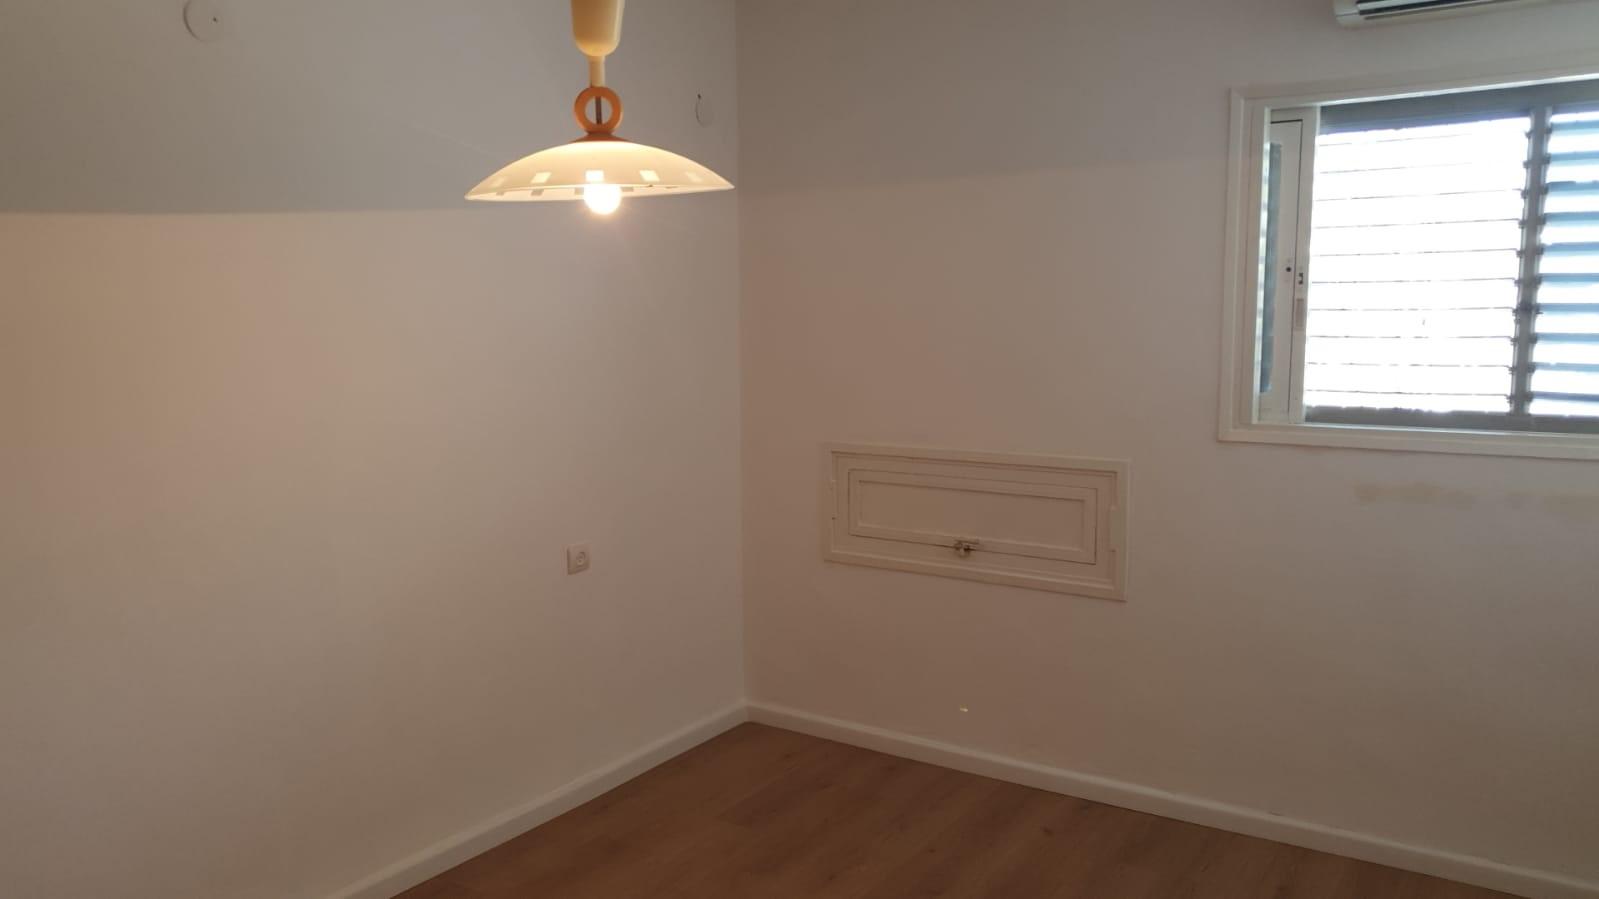 תמונה 2 ,דירה 4 חדרים מעפילי אגוז נוה חן תל אביב יפו